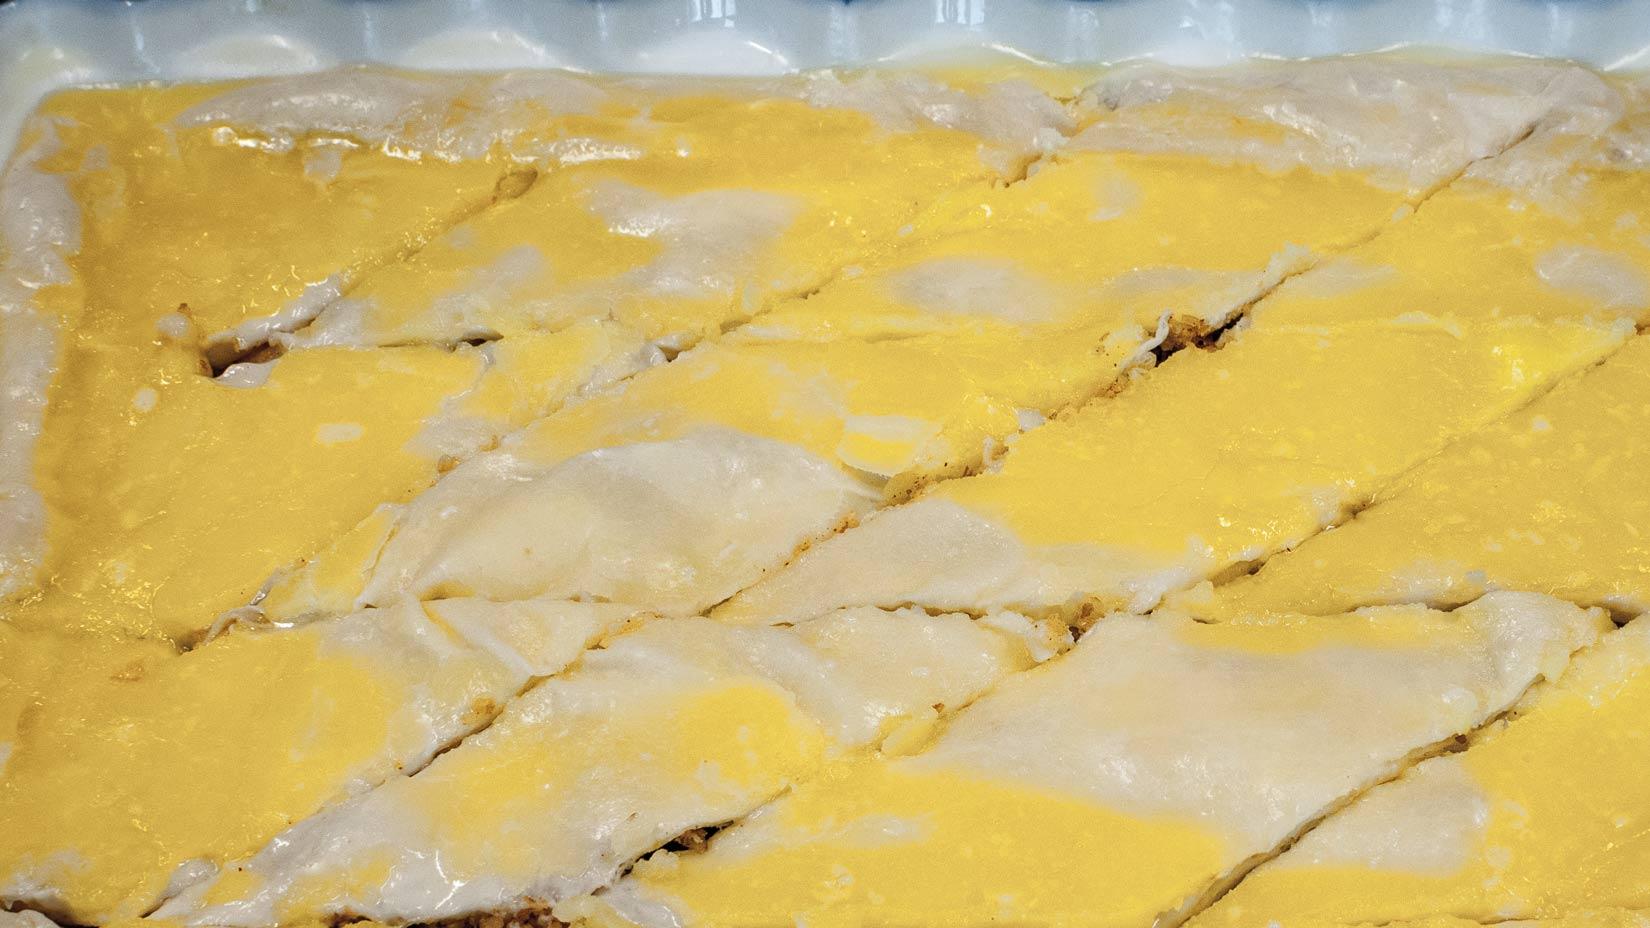 Po ztuhnutí másla baklavu rozkrájíme na budoucí porce a dáme péci